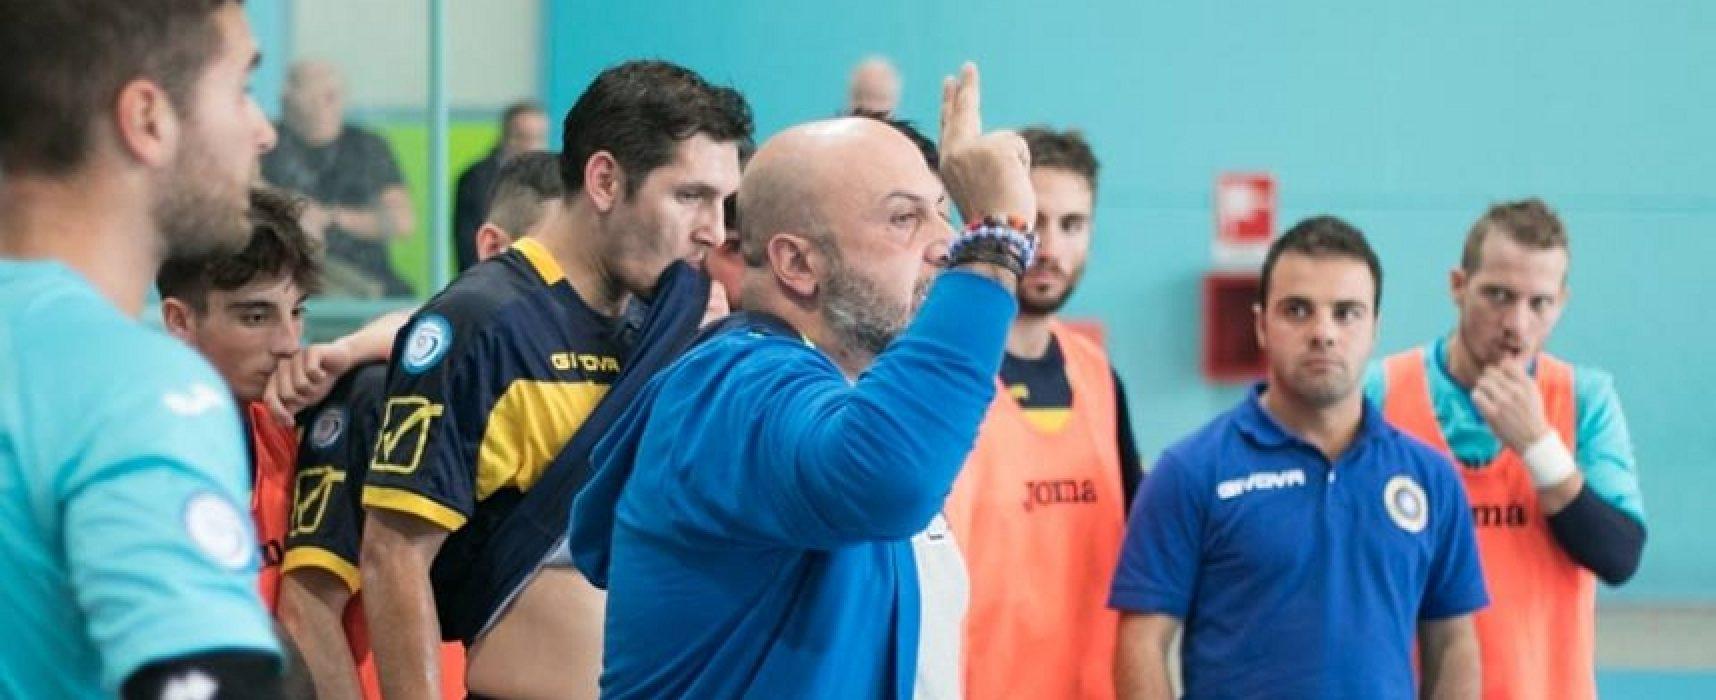 """Futsal Bisceglie, parla mister Capursi: """"Continuiamo a lavorare per la salvezza"""""""